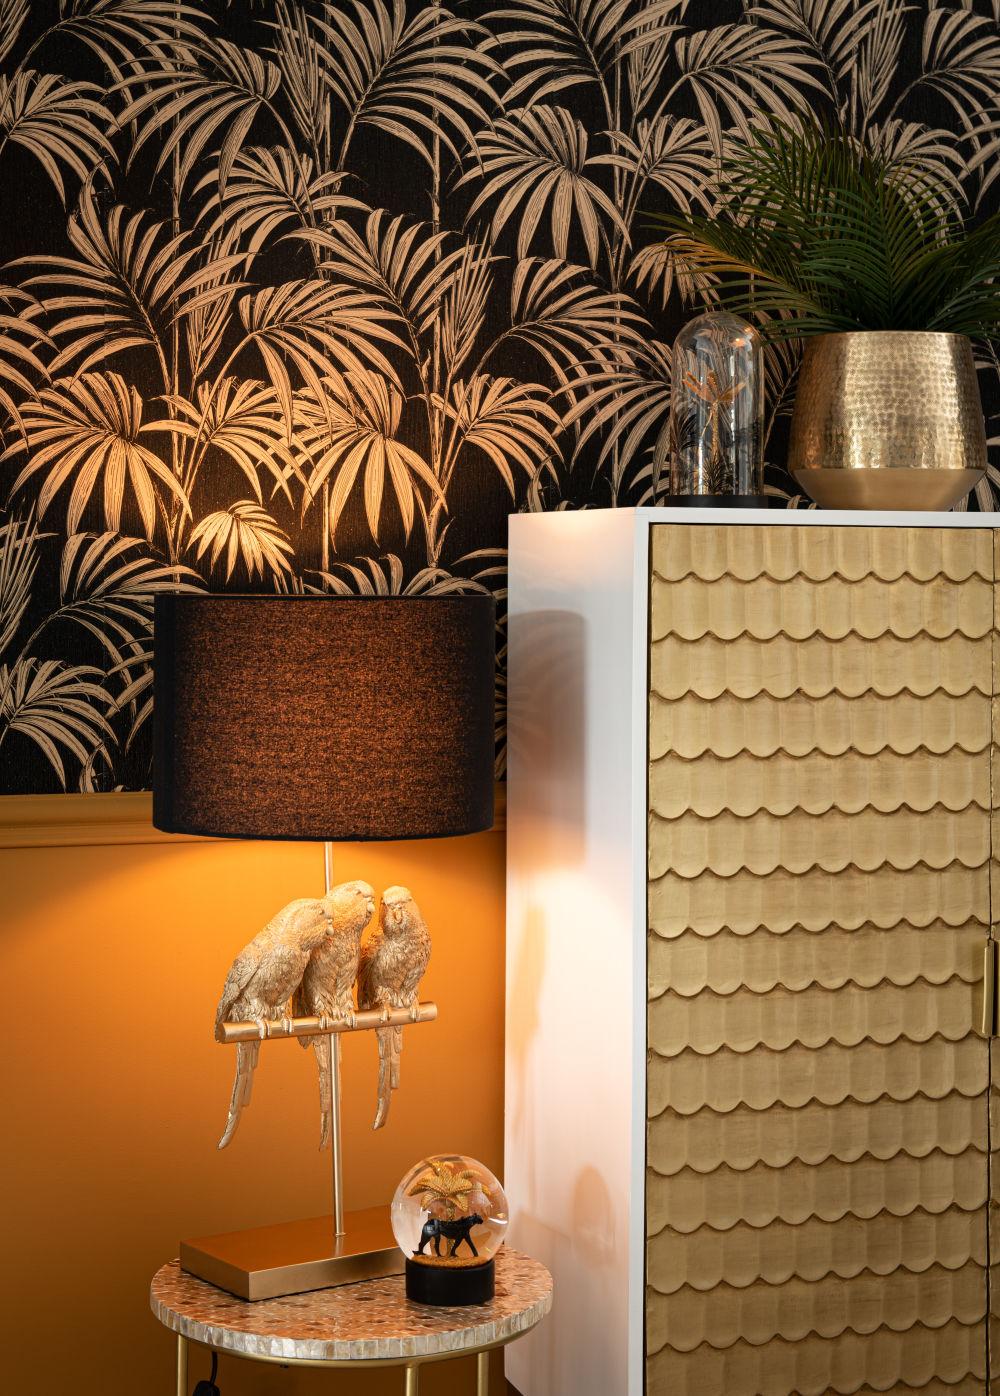 Lampe perroquets dorés et abat-jour en coton noir